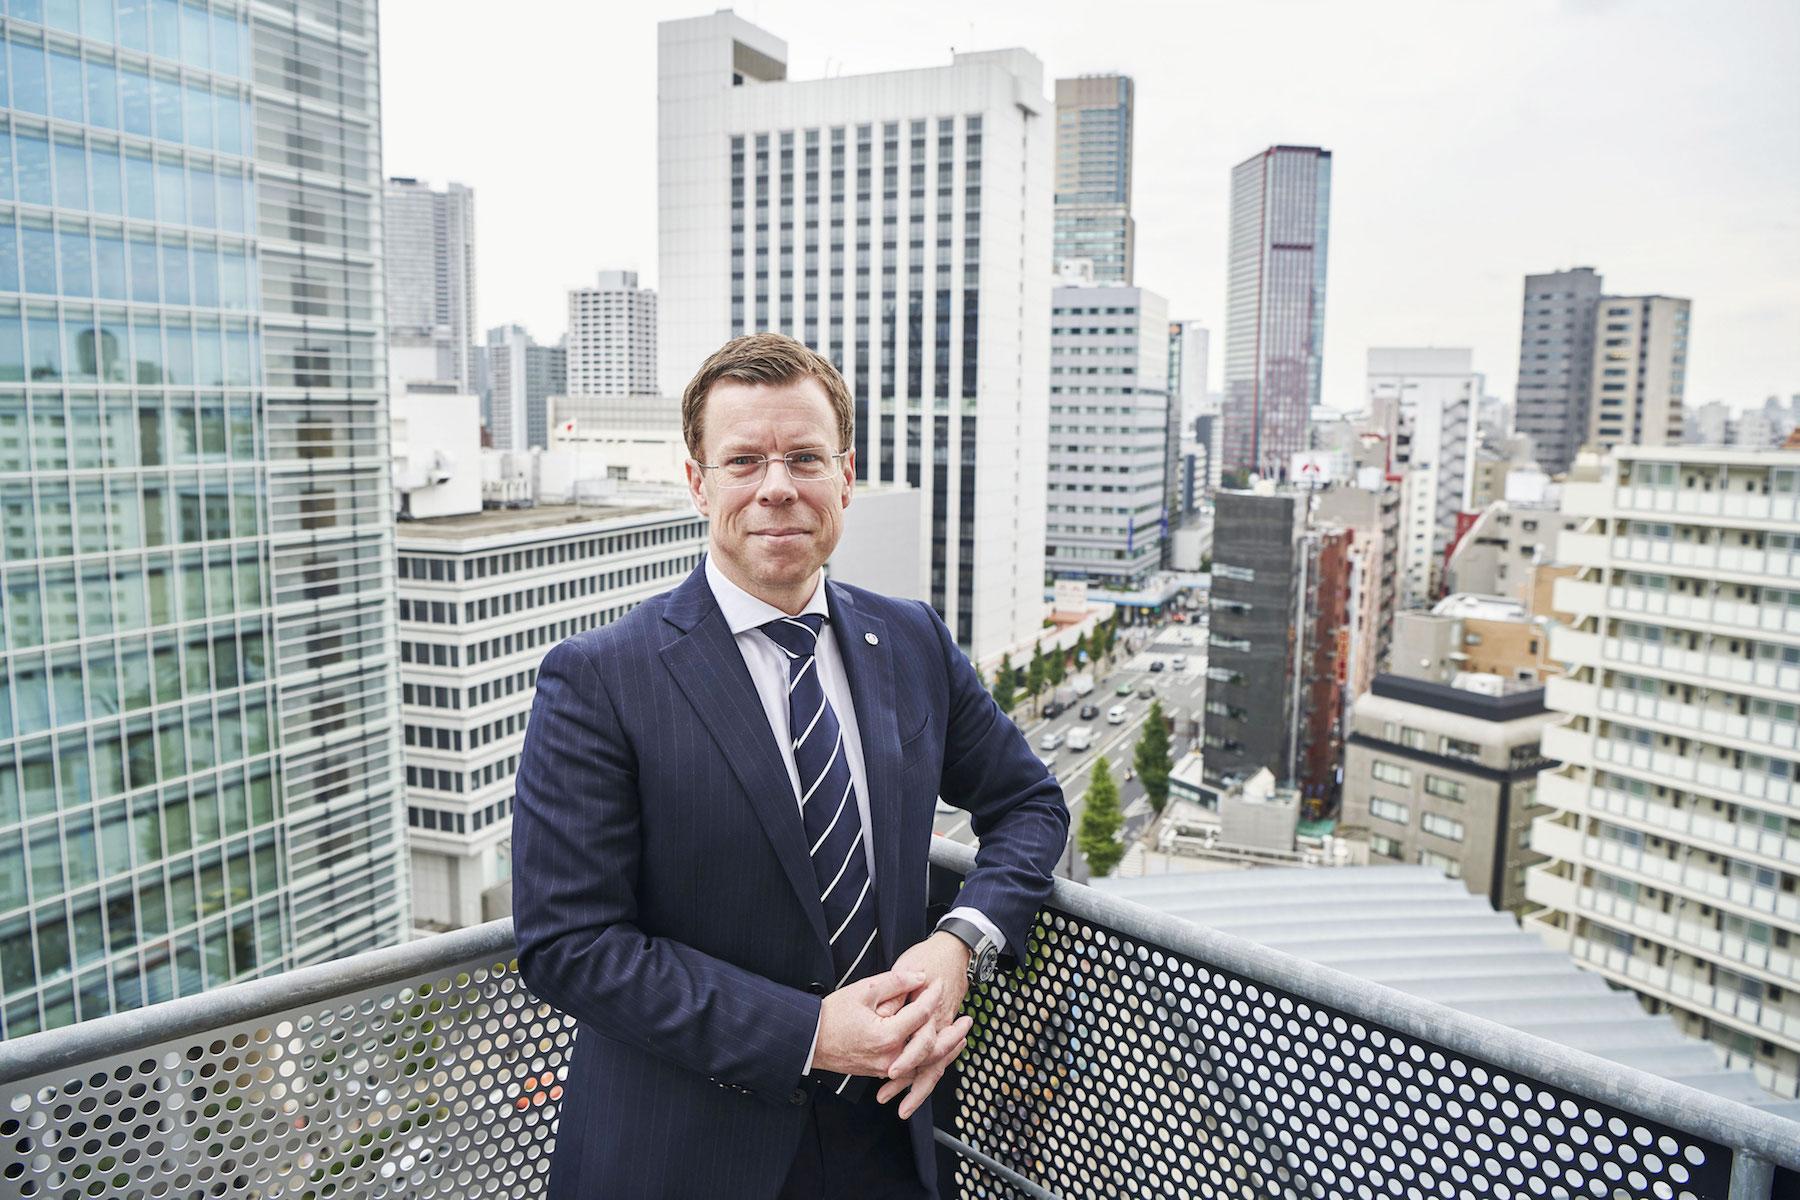 【新年のご挨拶】スカニアジャパン大躍進の2018年。そして2019年、スカニアは日本市場でさらに発展する 〜スカニアジャパンCEOミケル・リンネル氏〜